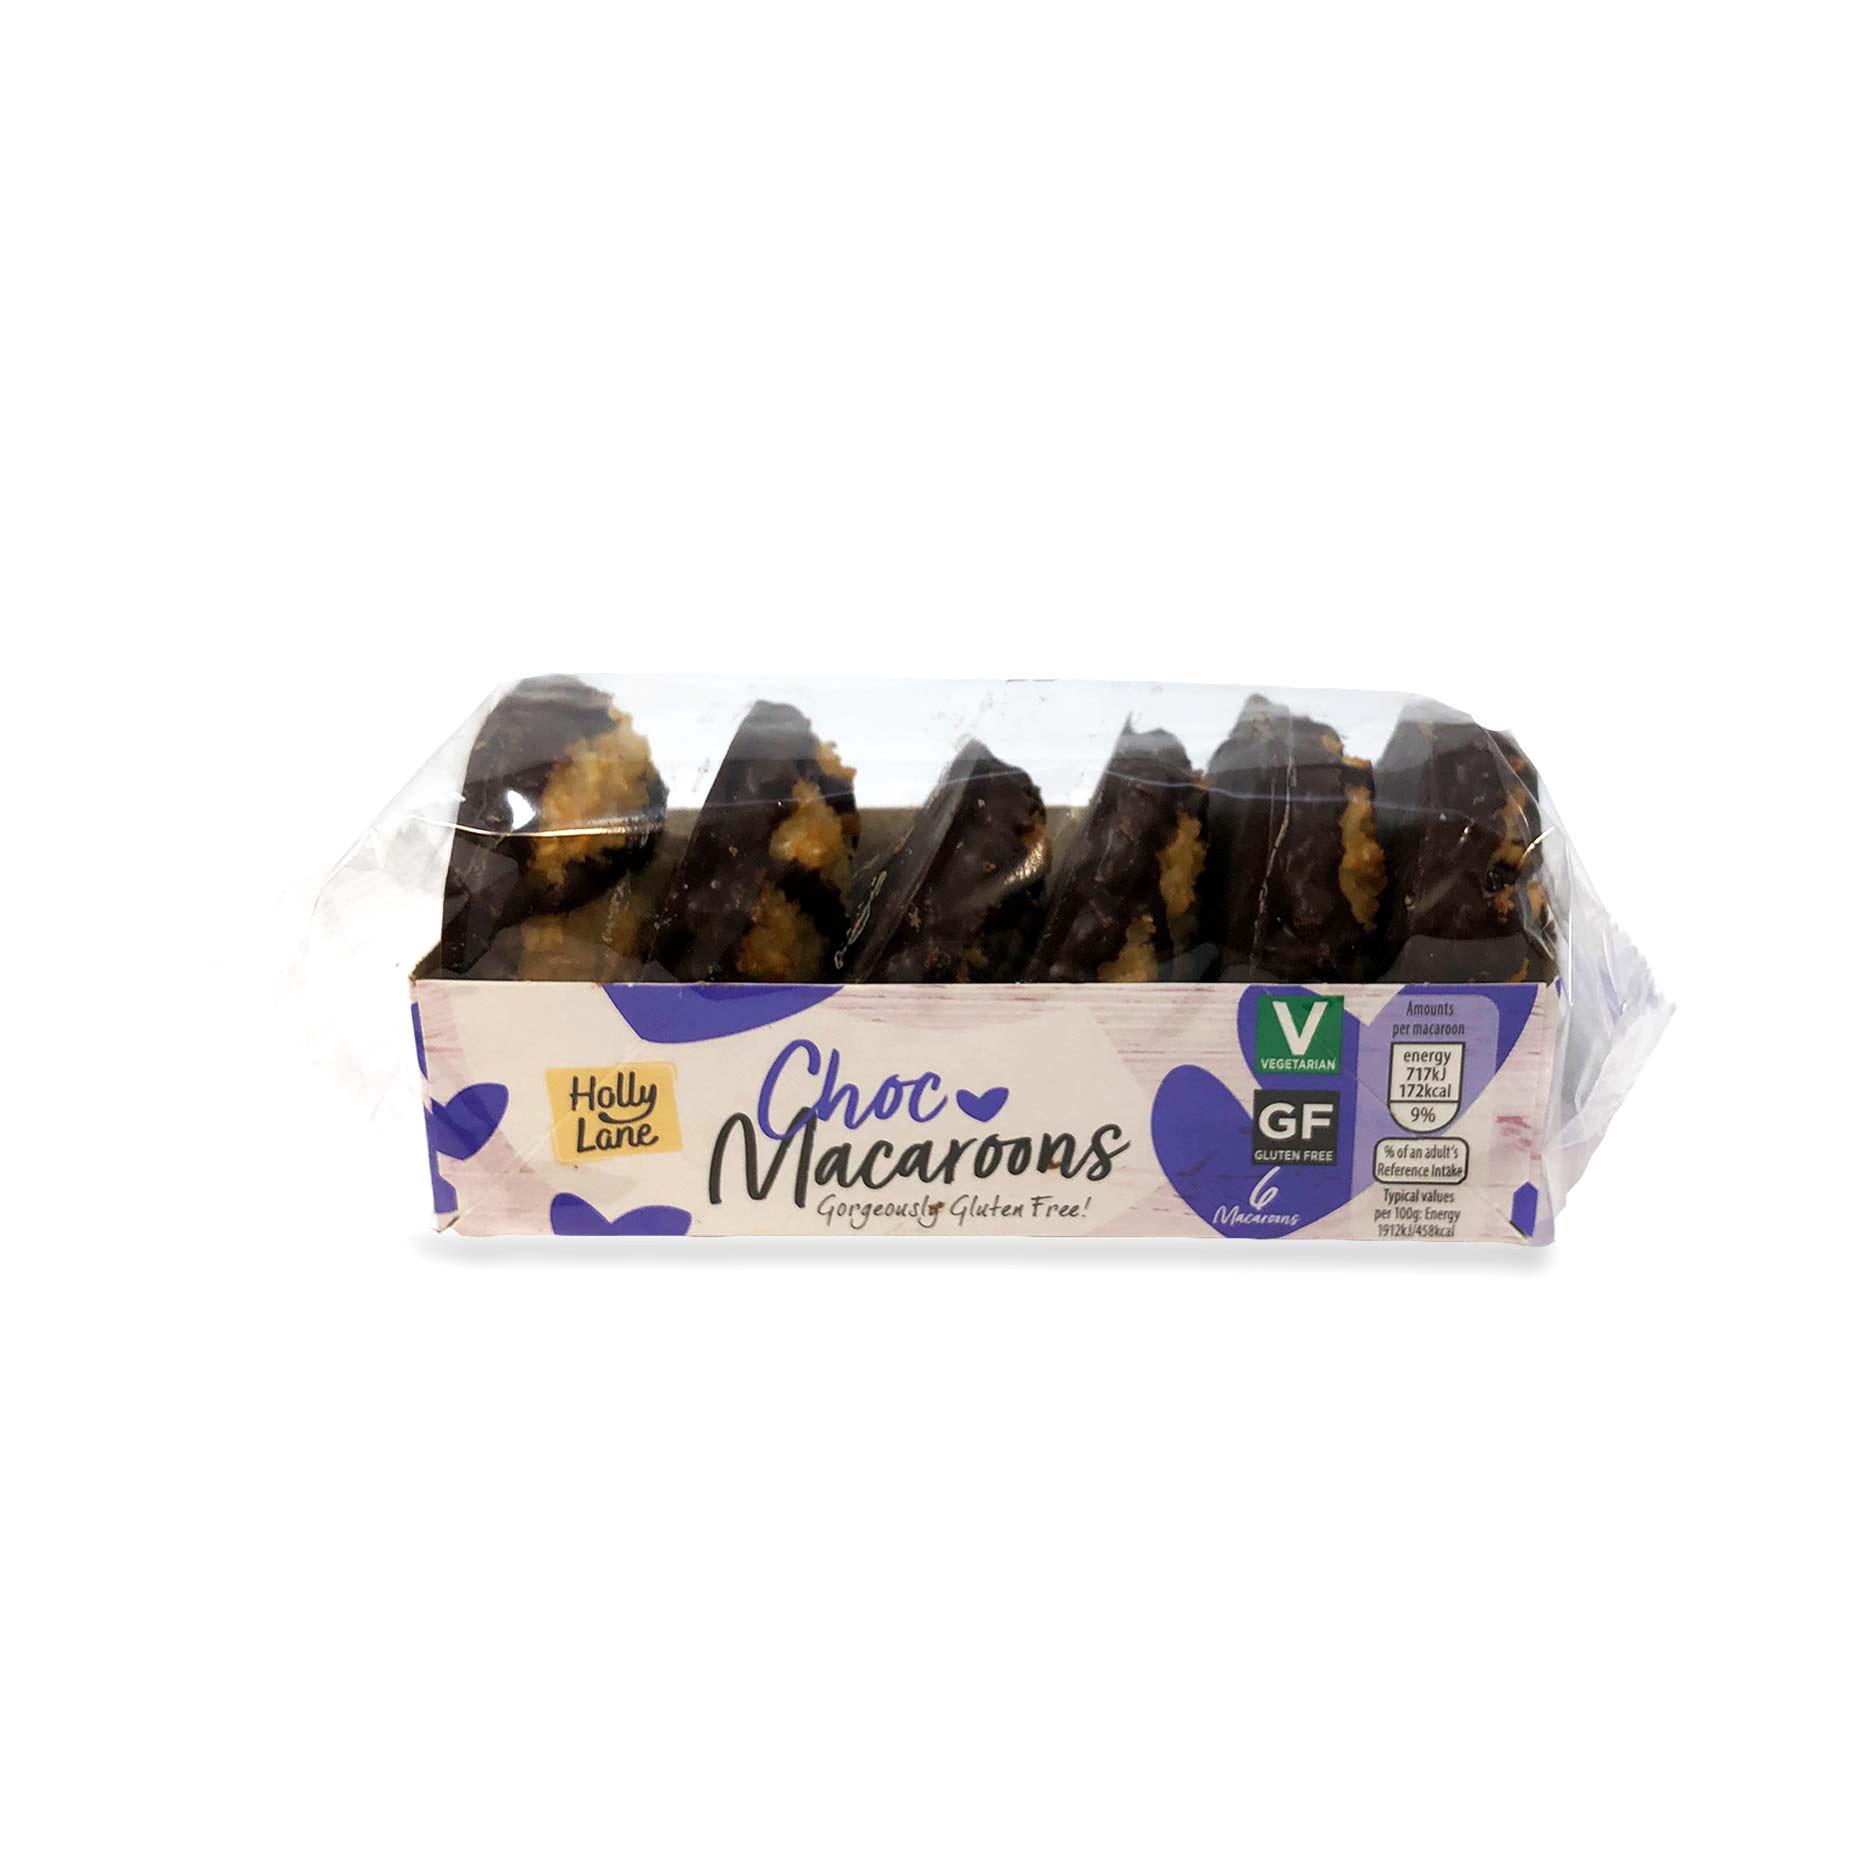 6 Choc Macaroons